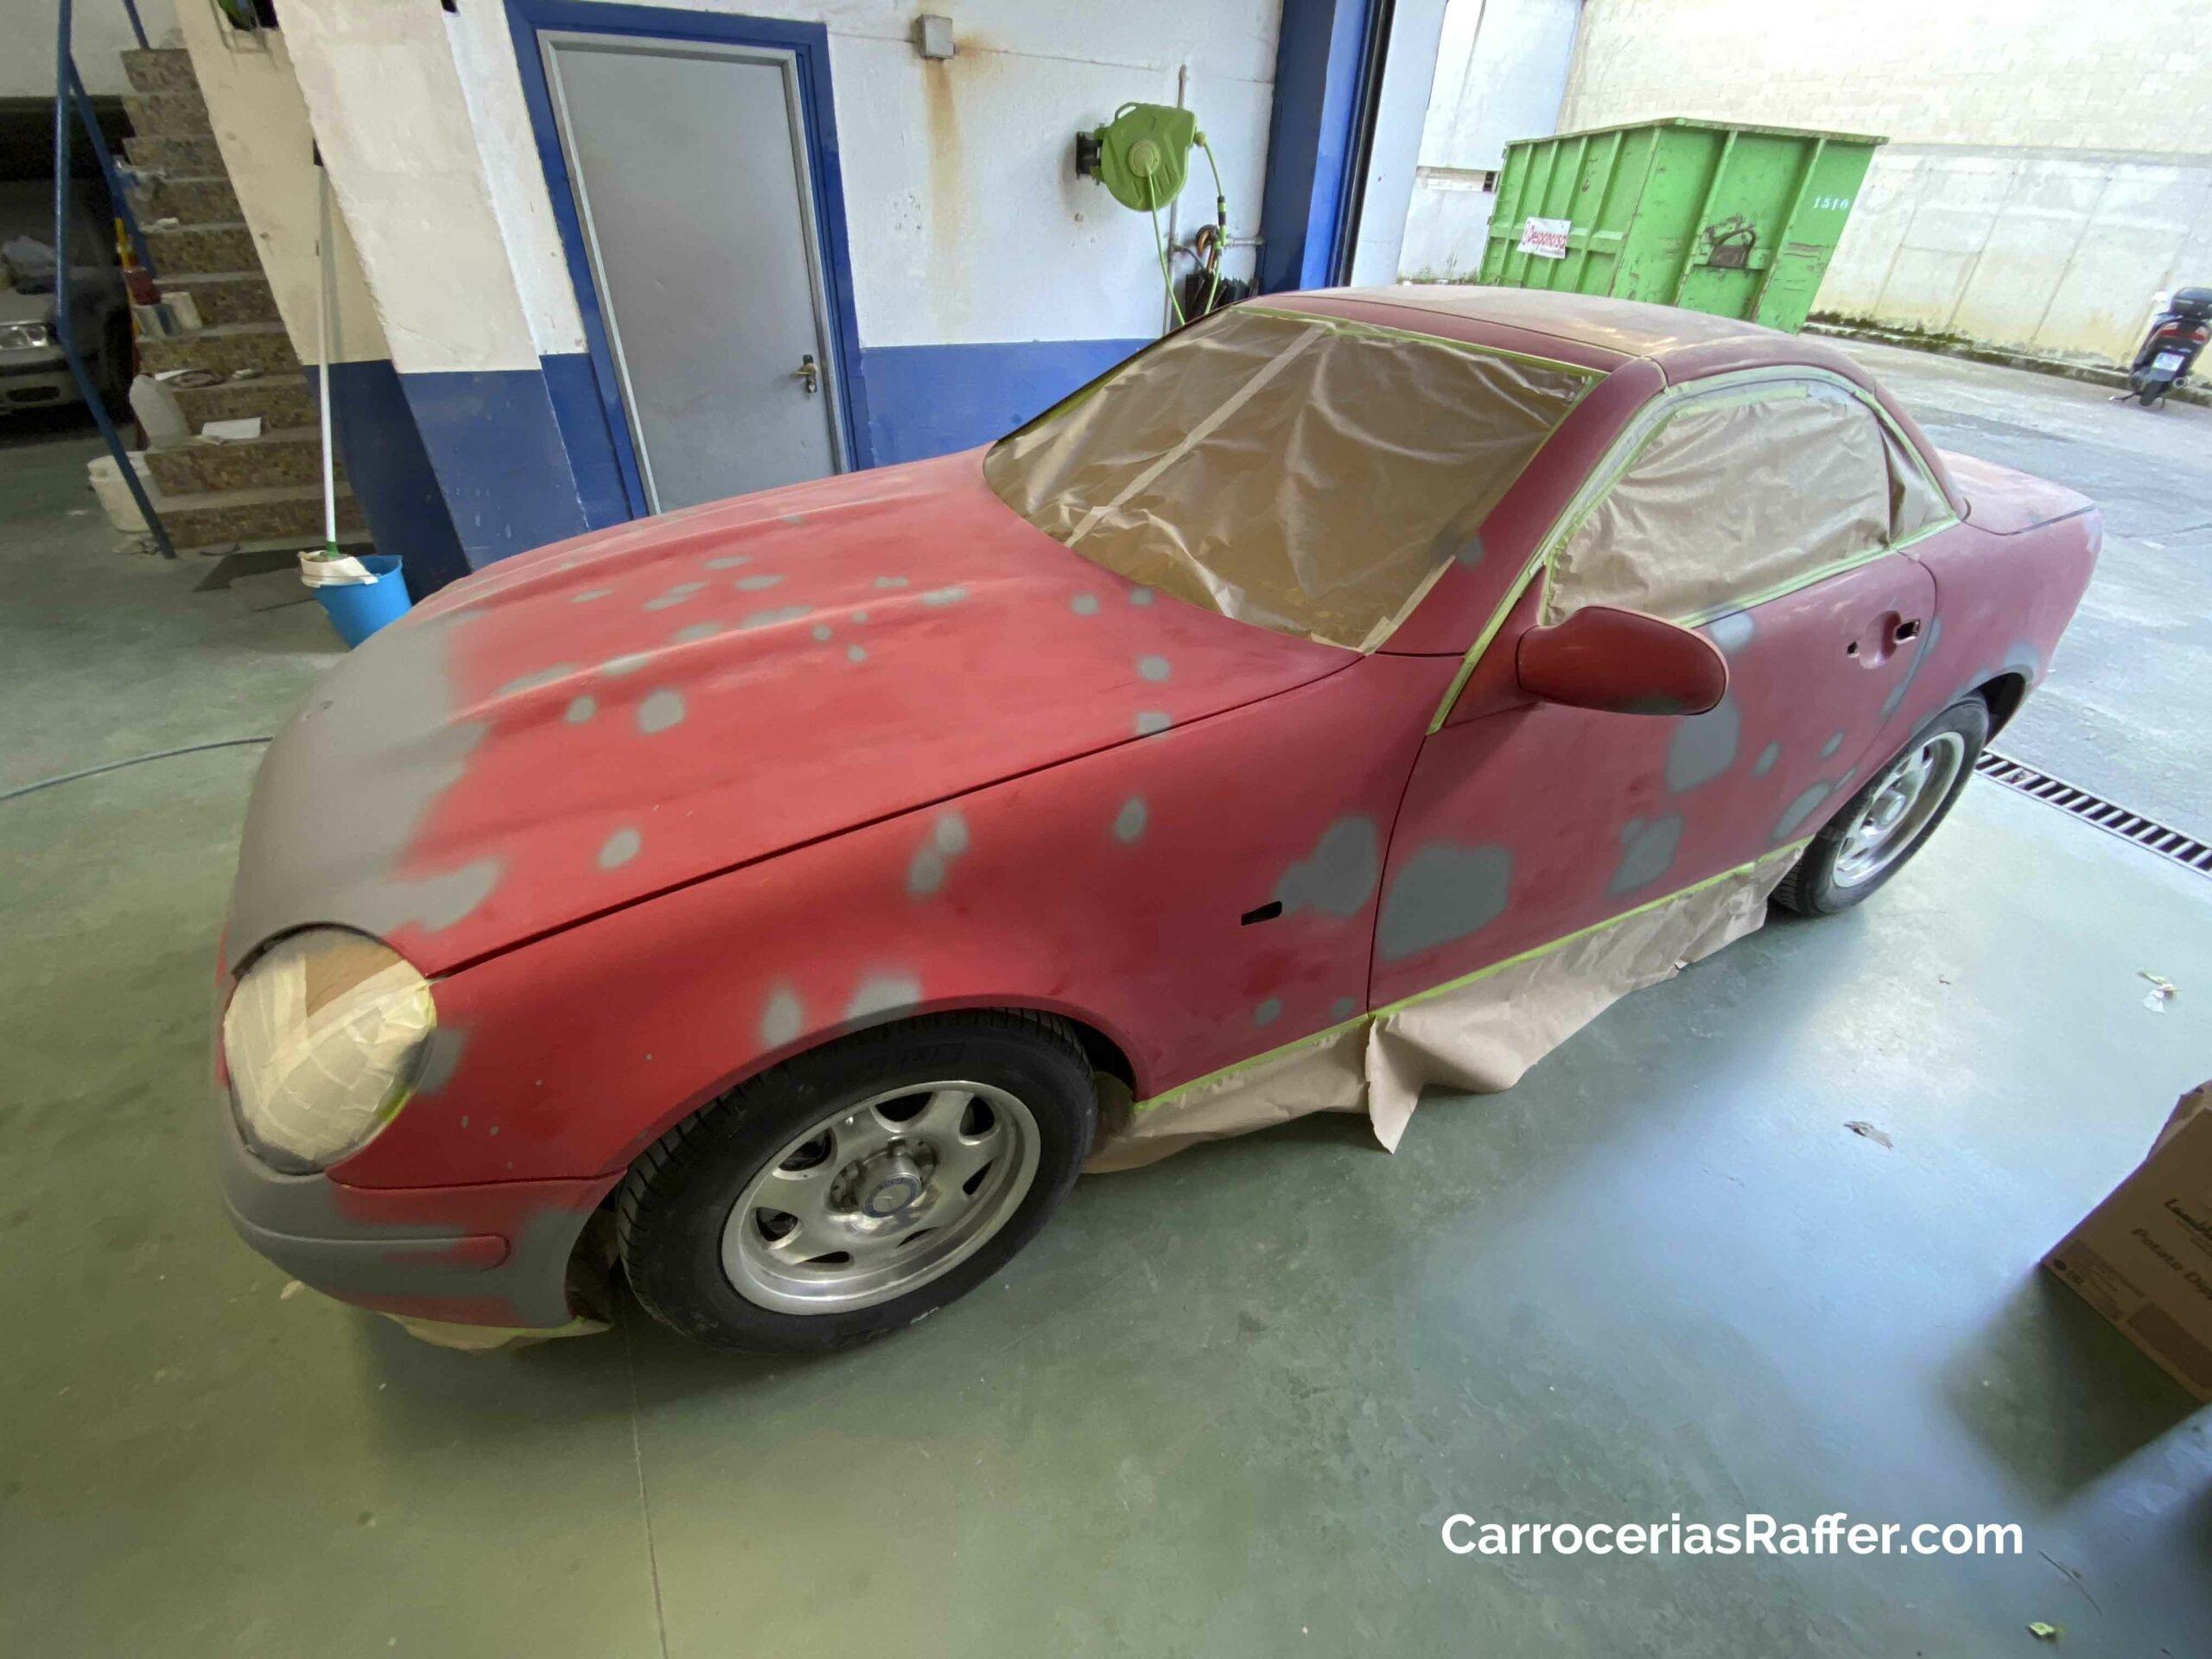 1 carrocerias raffer hernani donostia gipuzkoa taller de chapa y pintura mercedes benz slk